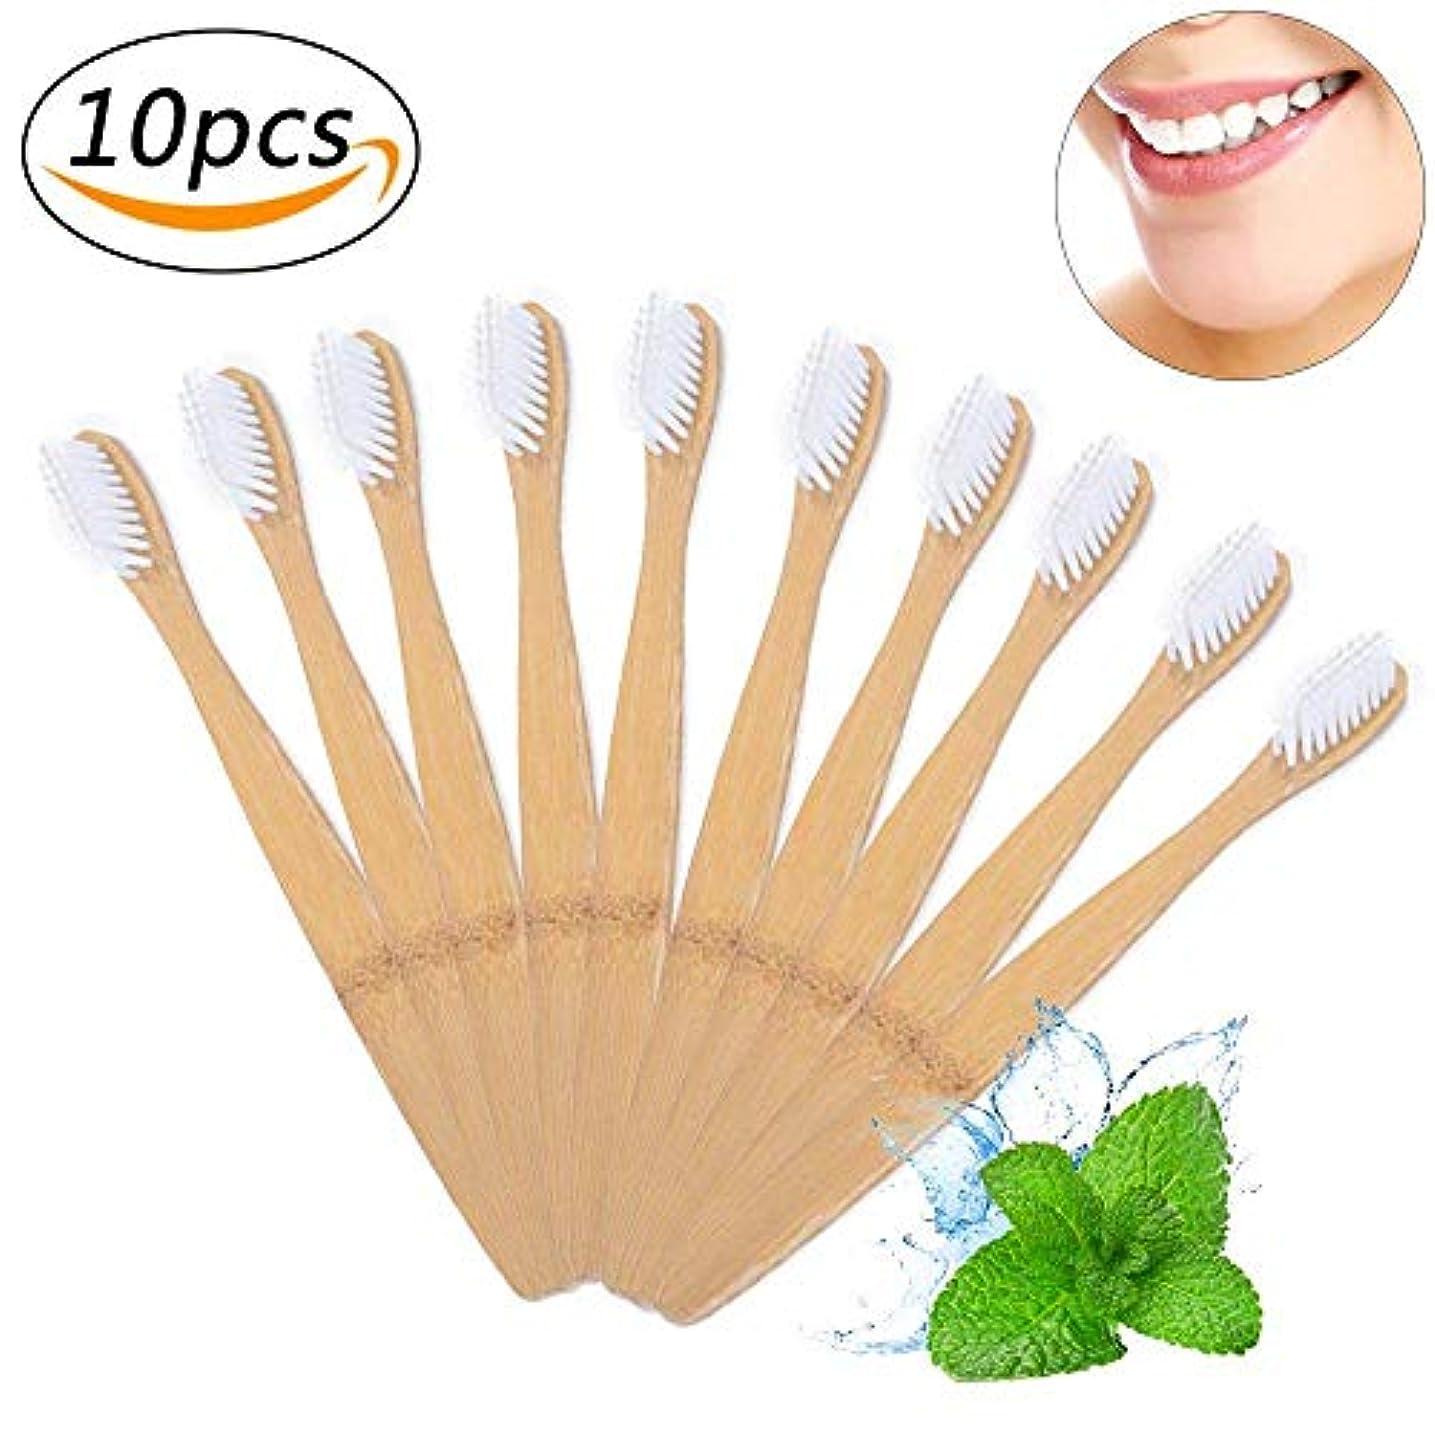 ハイジャックラックアベニュー竹の歯ブラシ 環境保護の歯ブラシ 柔らかいブラシ 分解性 耐久性 ホワイト 10本入